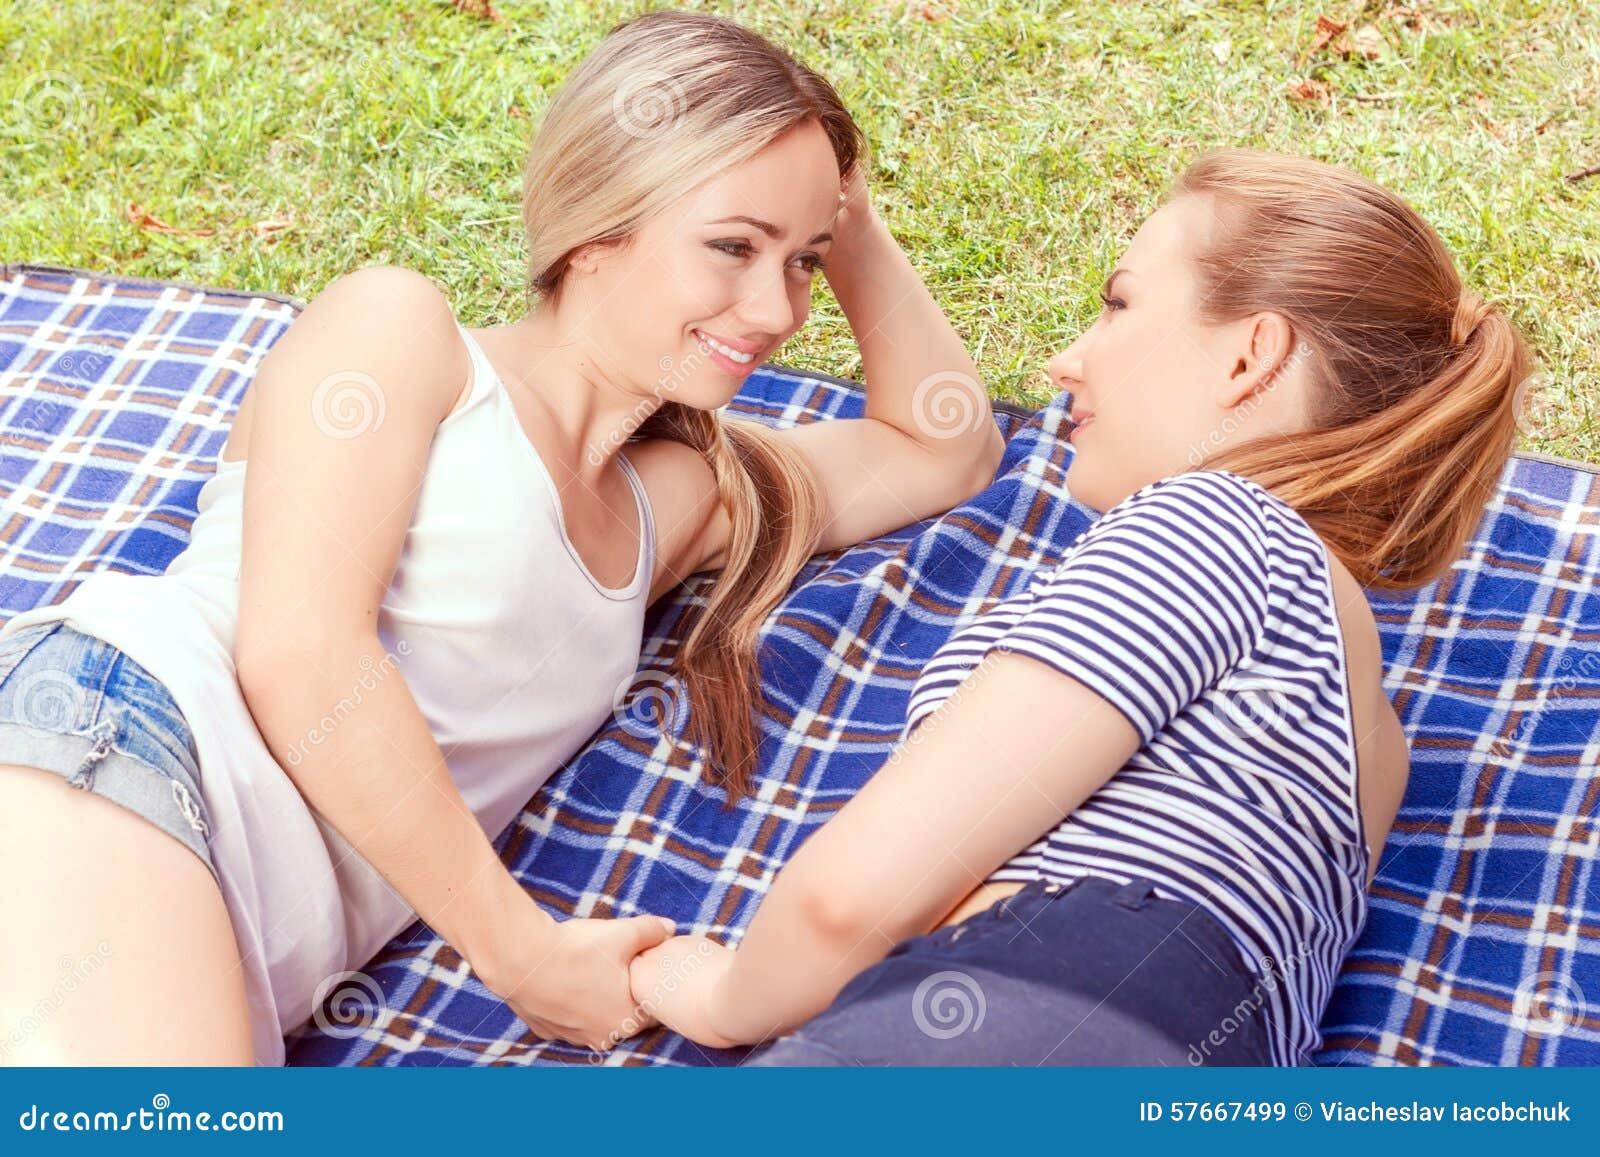 lesbische lesbiennes